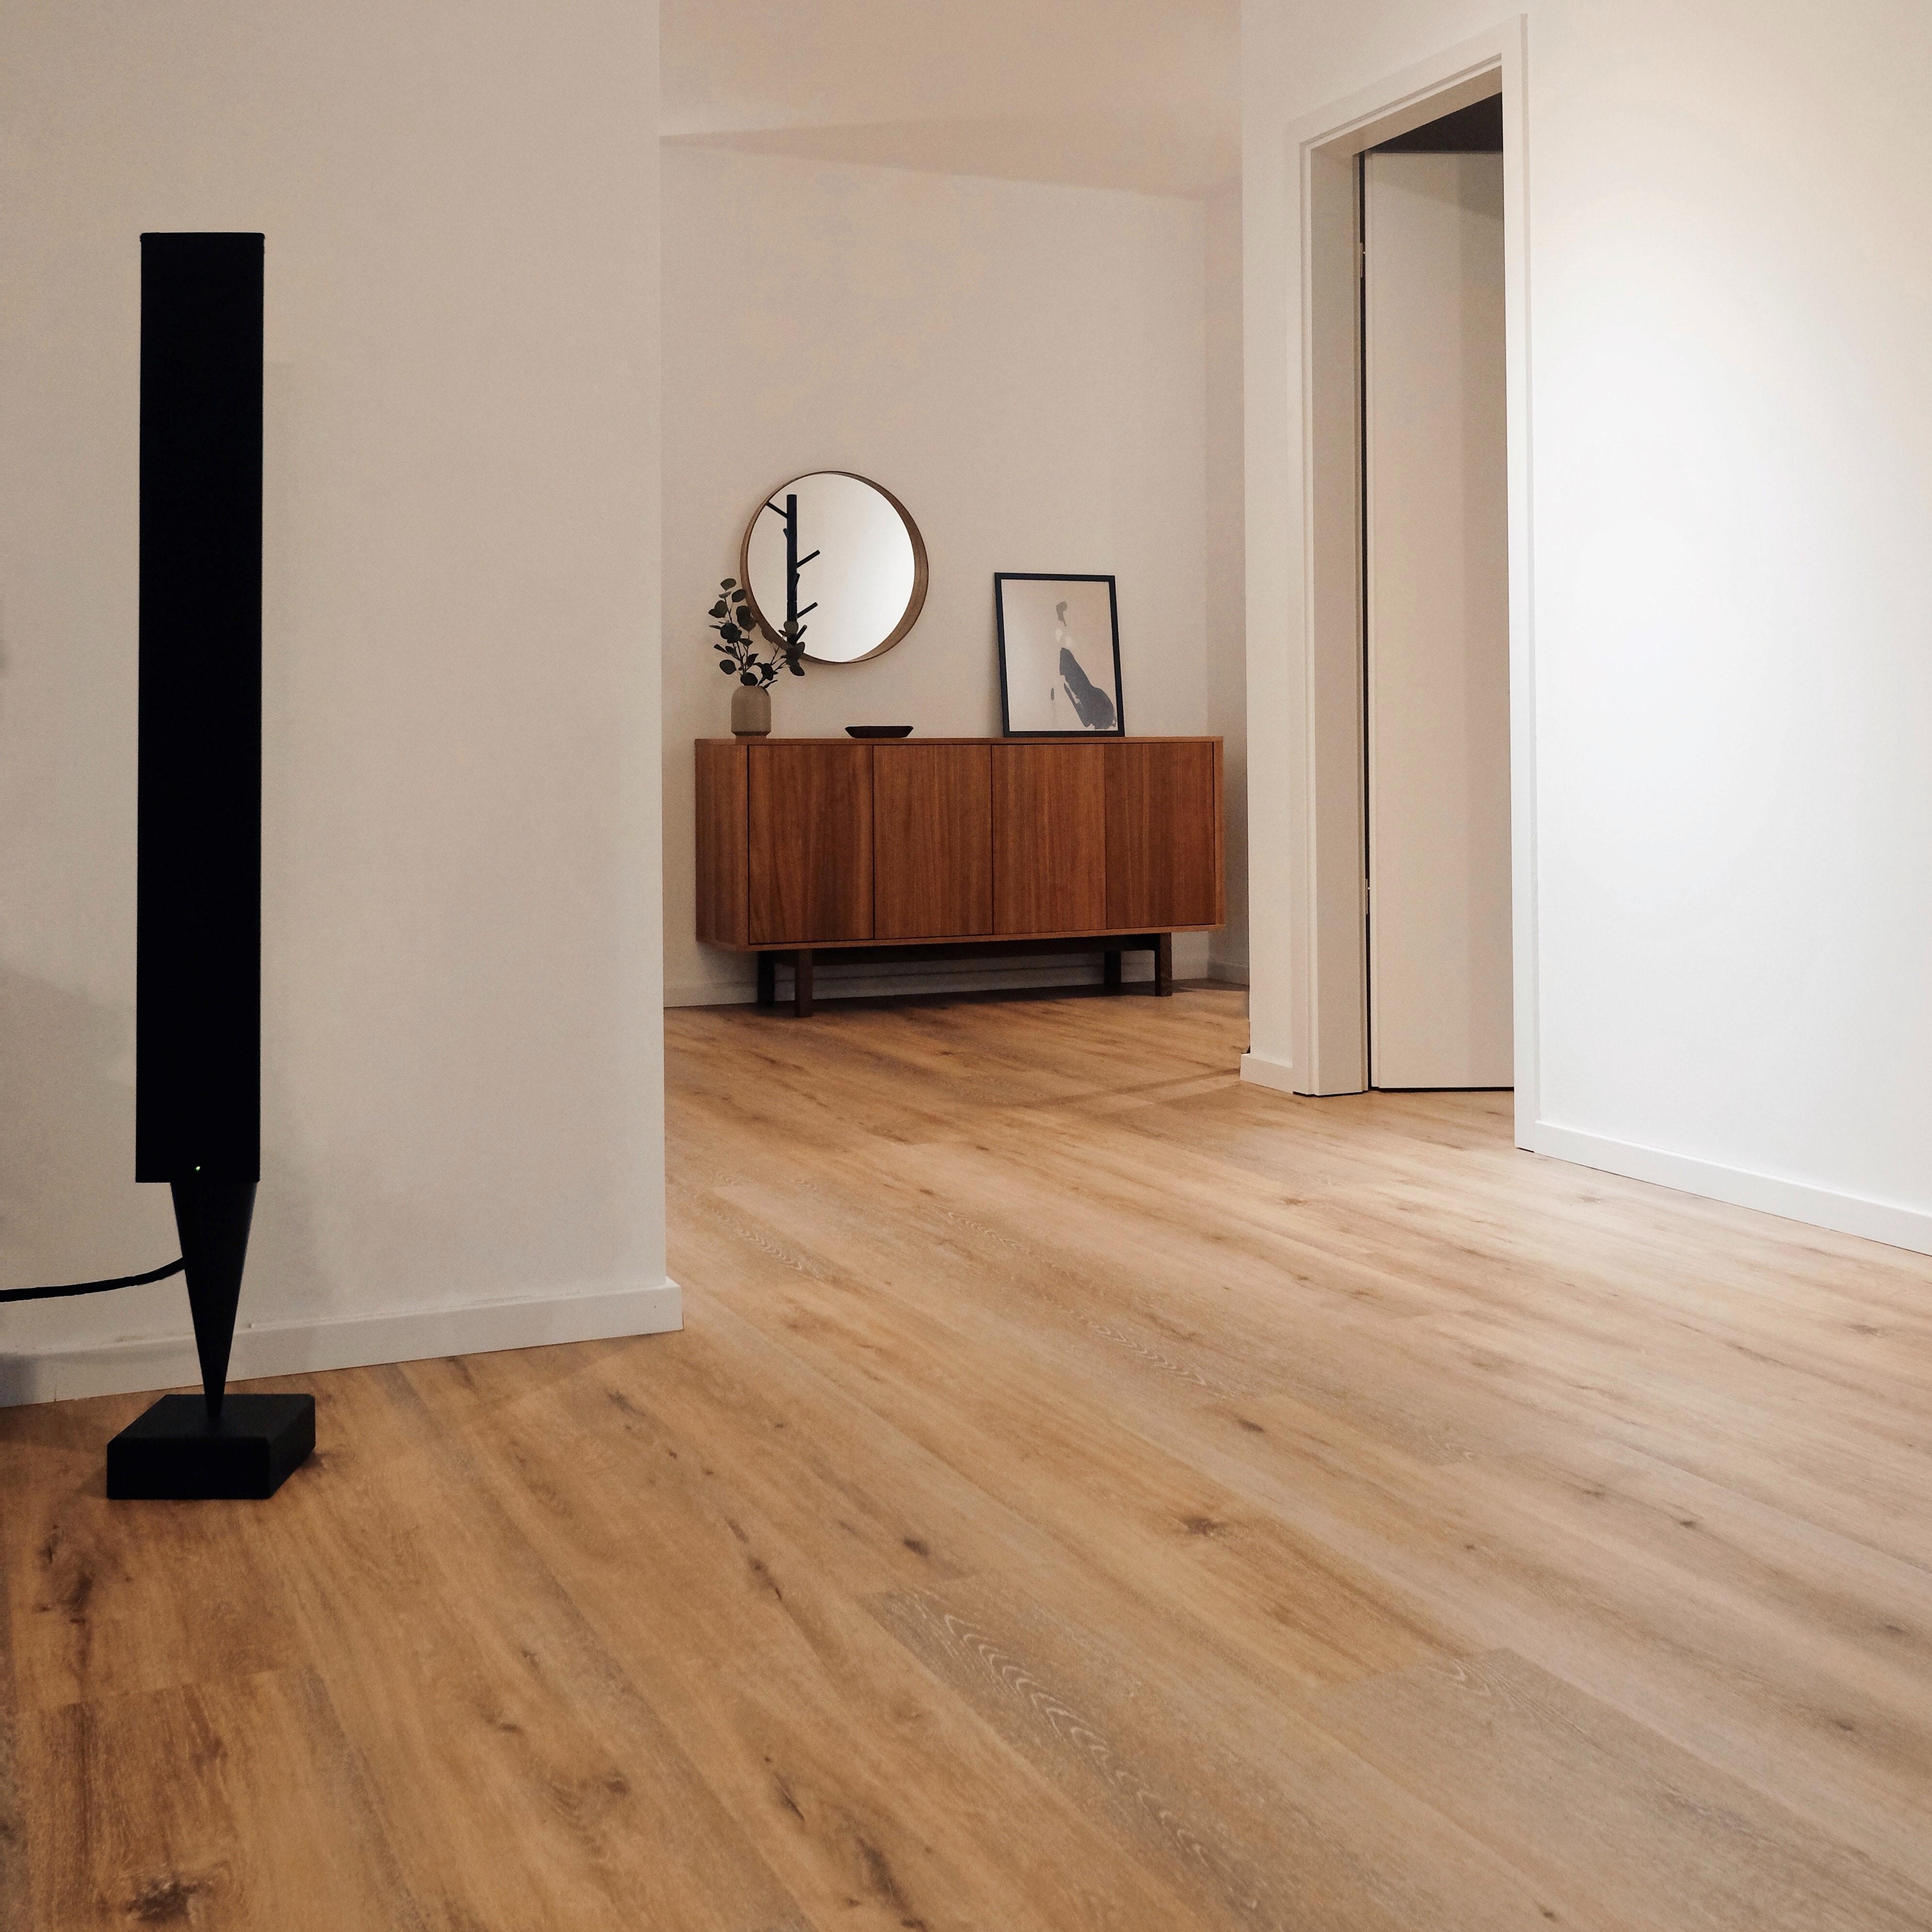 6 důvodů, proč si pořídit vinylovou podlahu